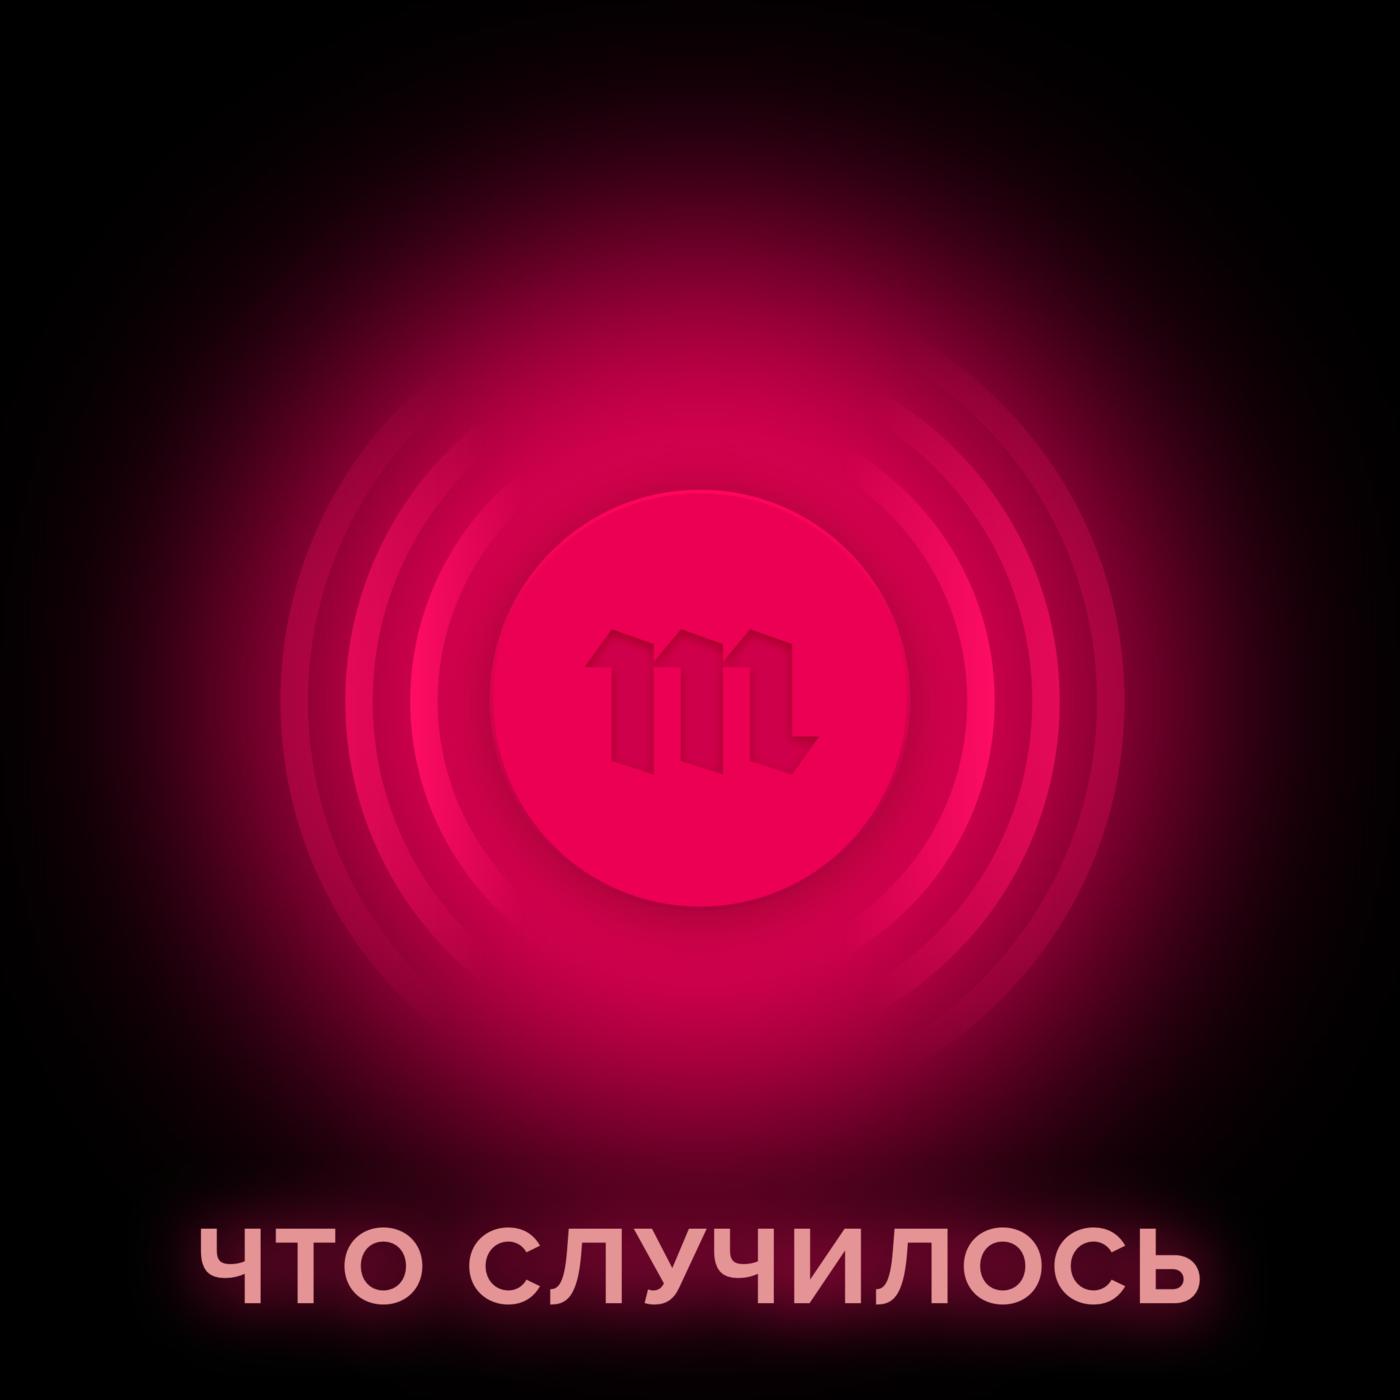 интернет магазин россия